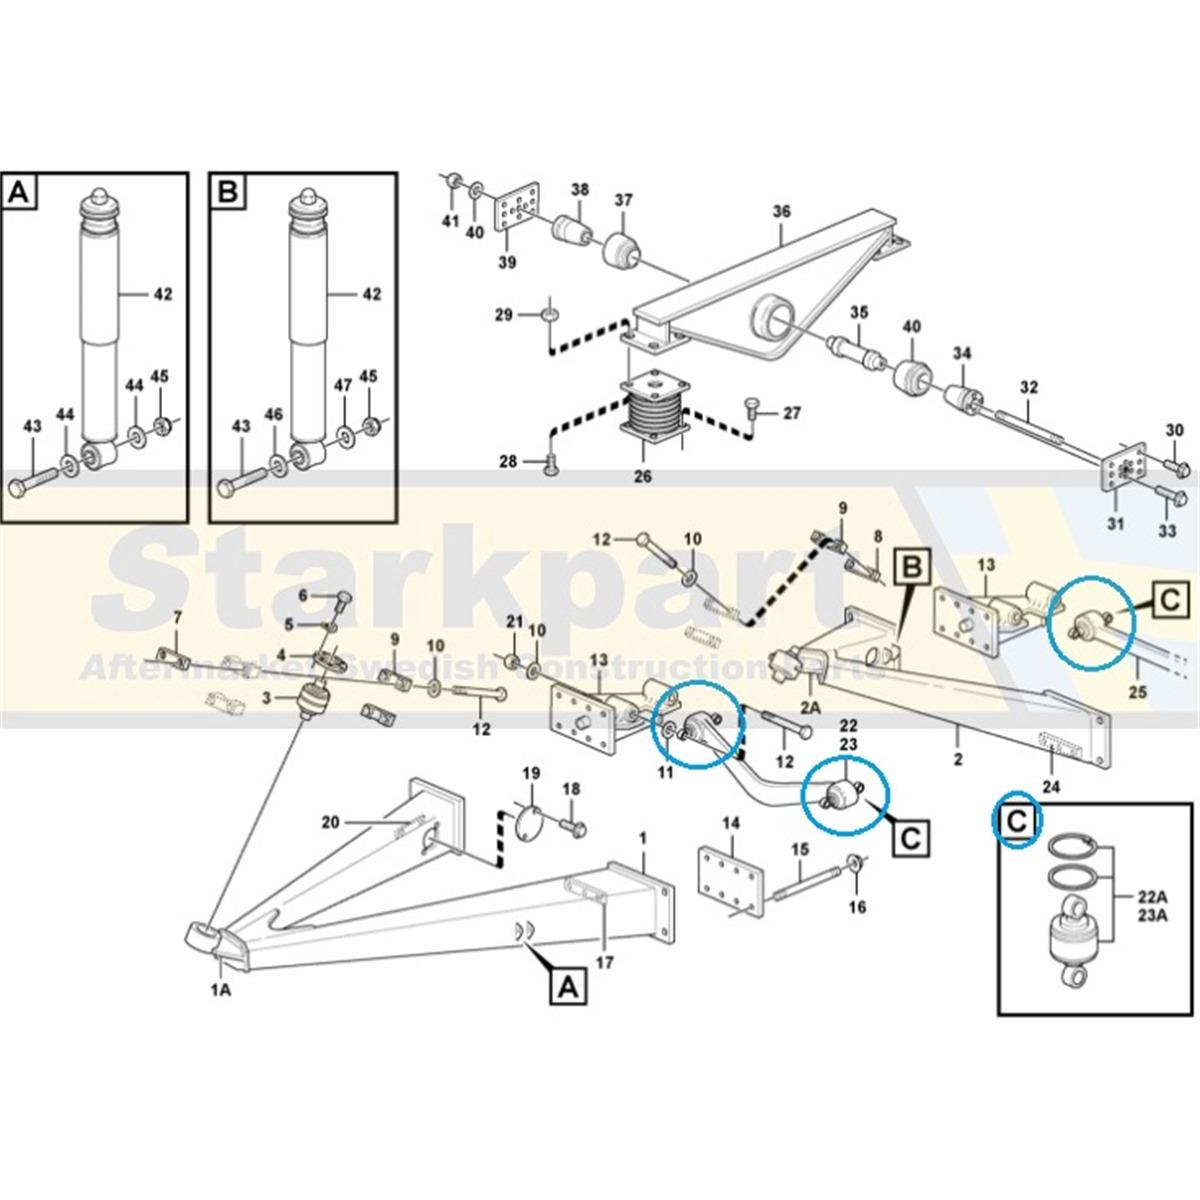 hight resolution of 15049695 v o l v o thumbnail0 1 15049695 diagram png thumbnail0